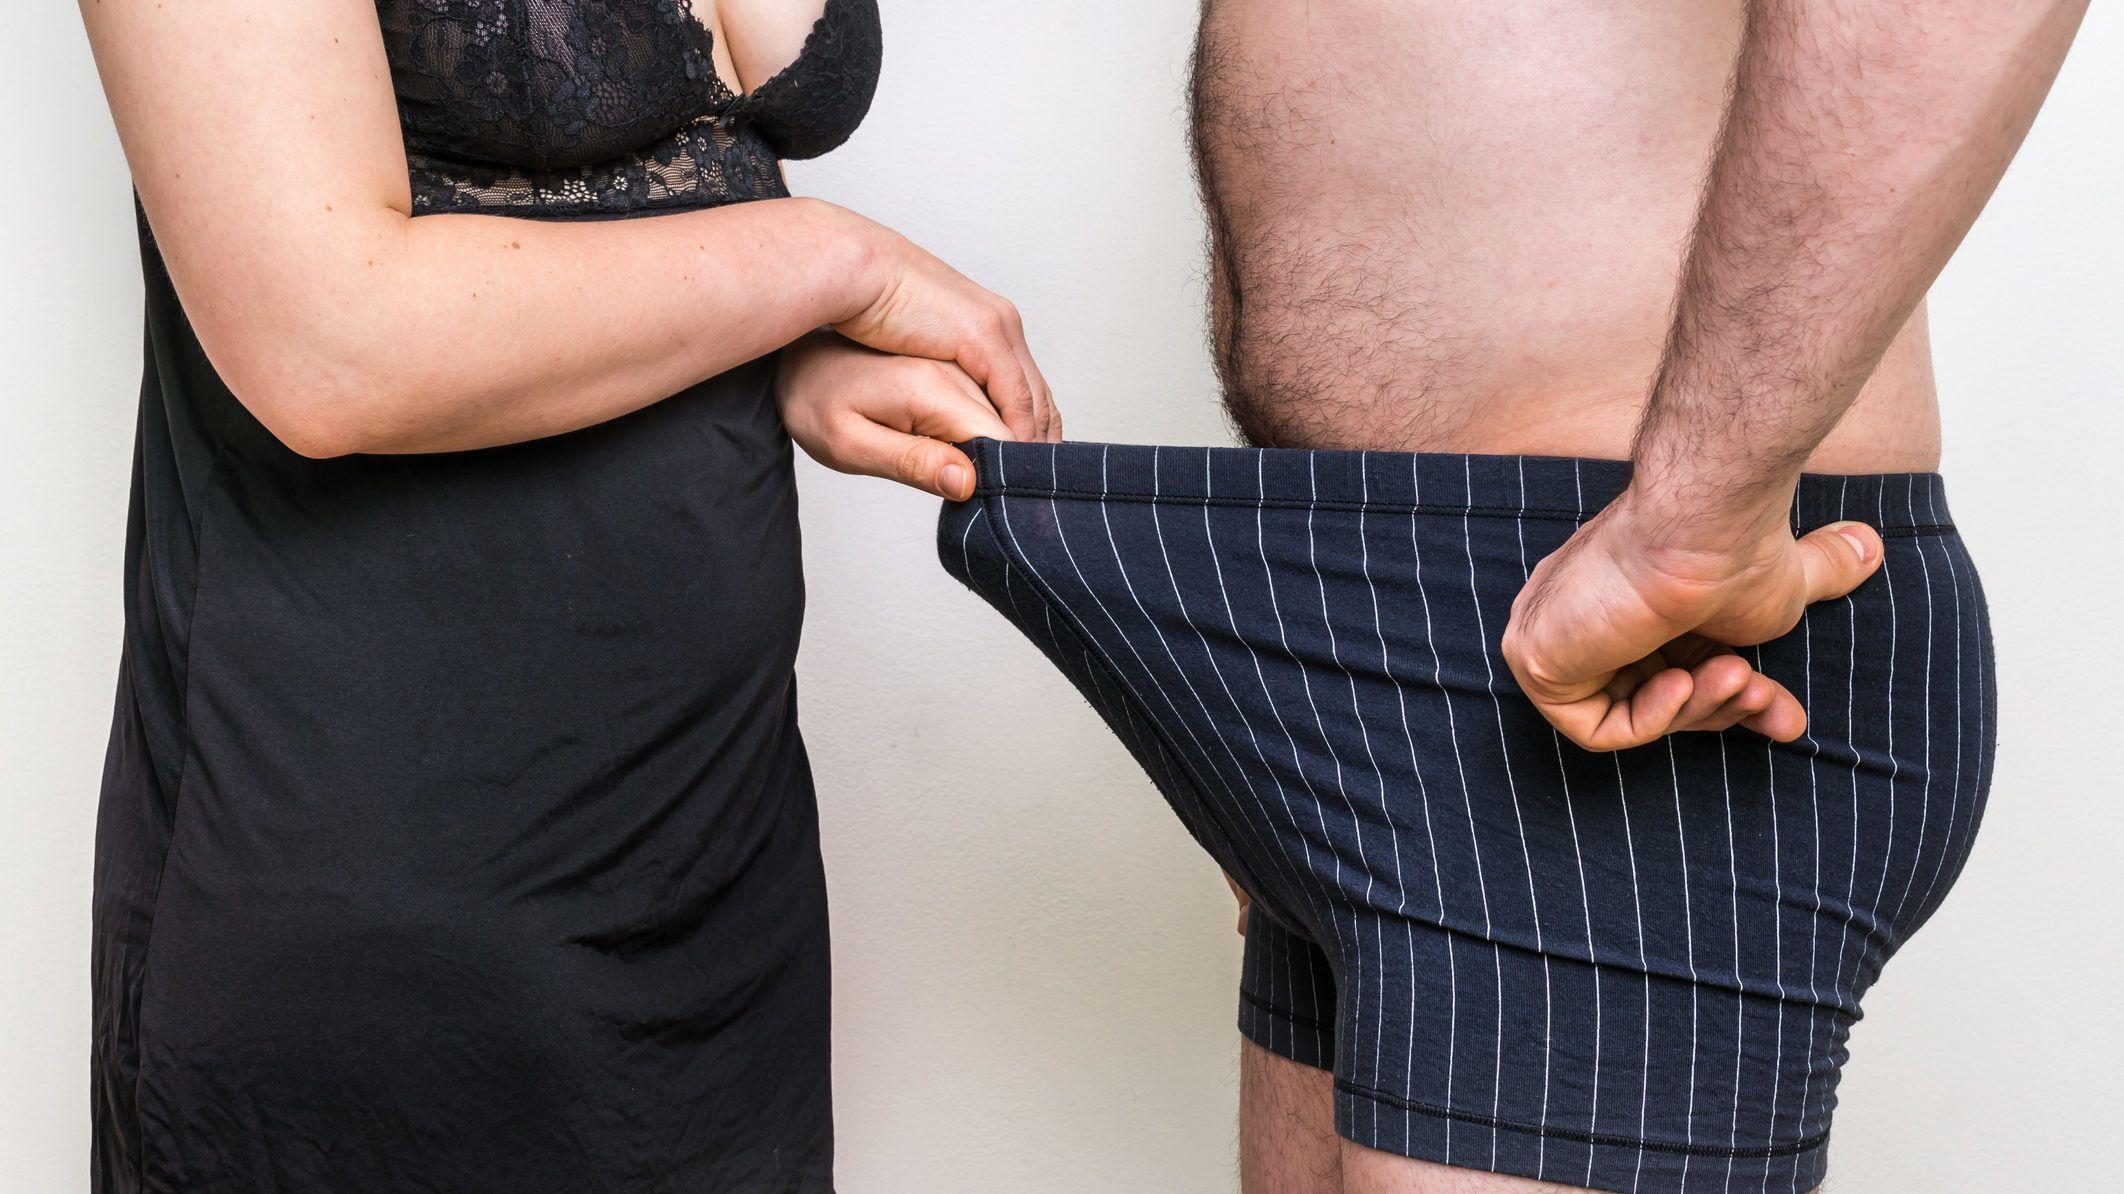 legjobb péniszvastagság merevedési vizsgálat